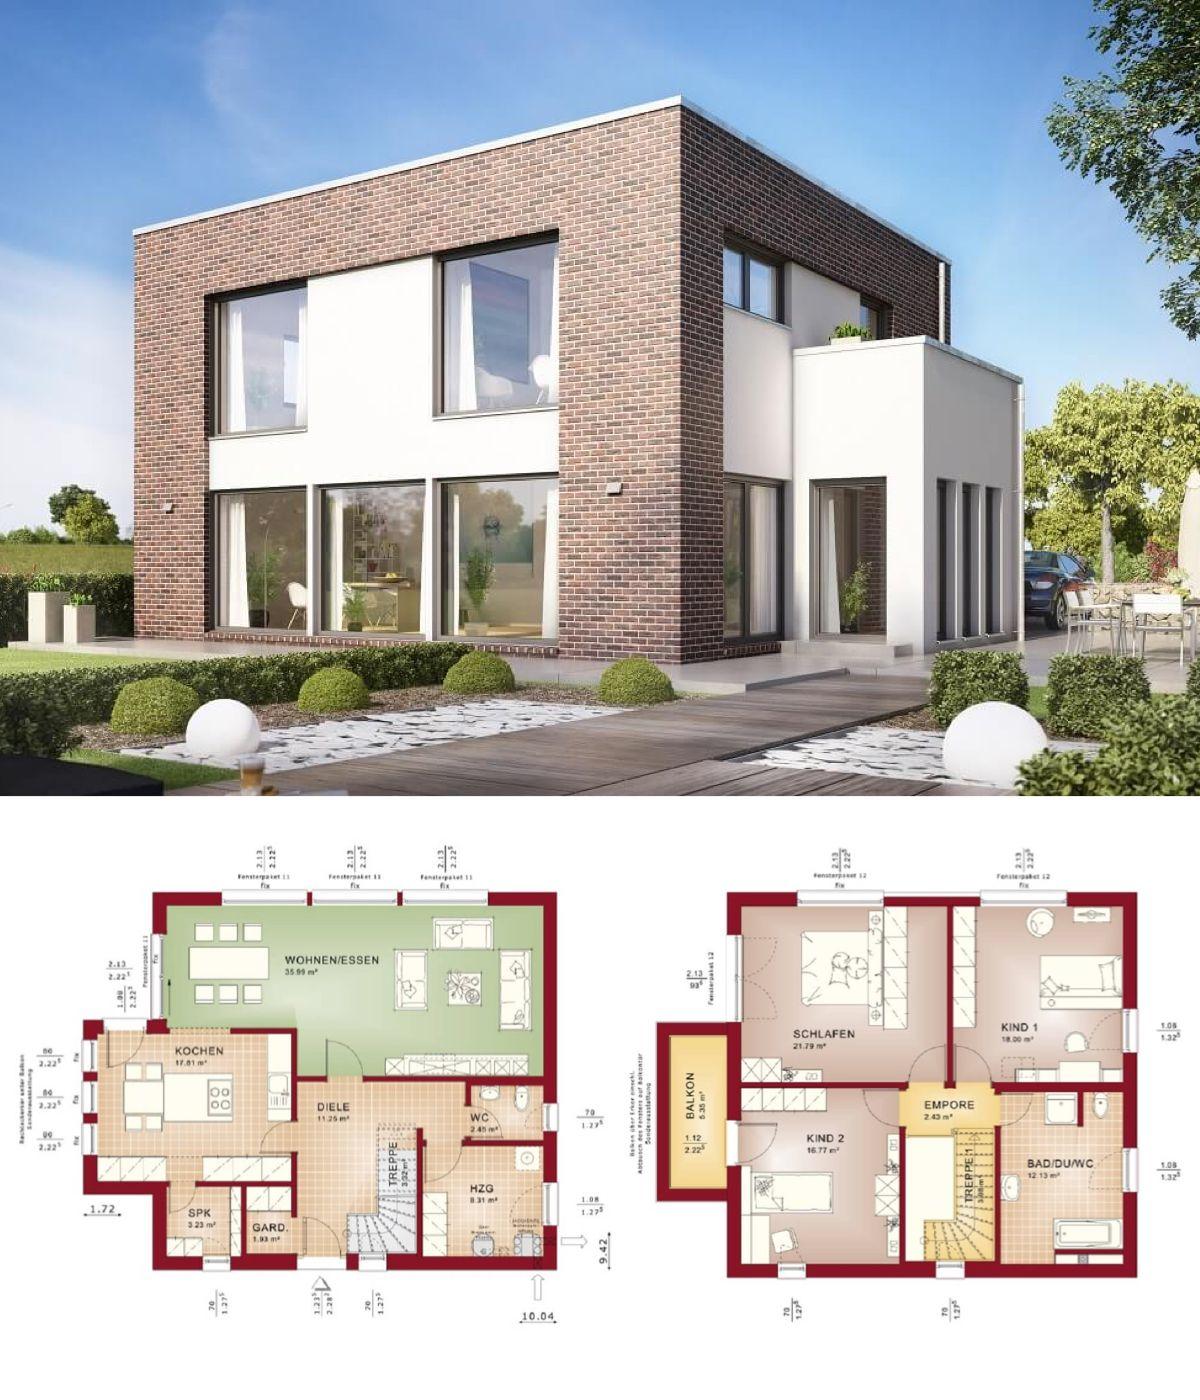 Wundervoll Haus Mit Flachdach Beste Wahl Moderne Stadtvilla Im Stil Klinker Fassade &